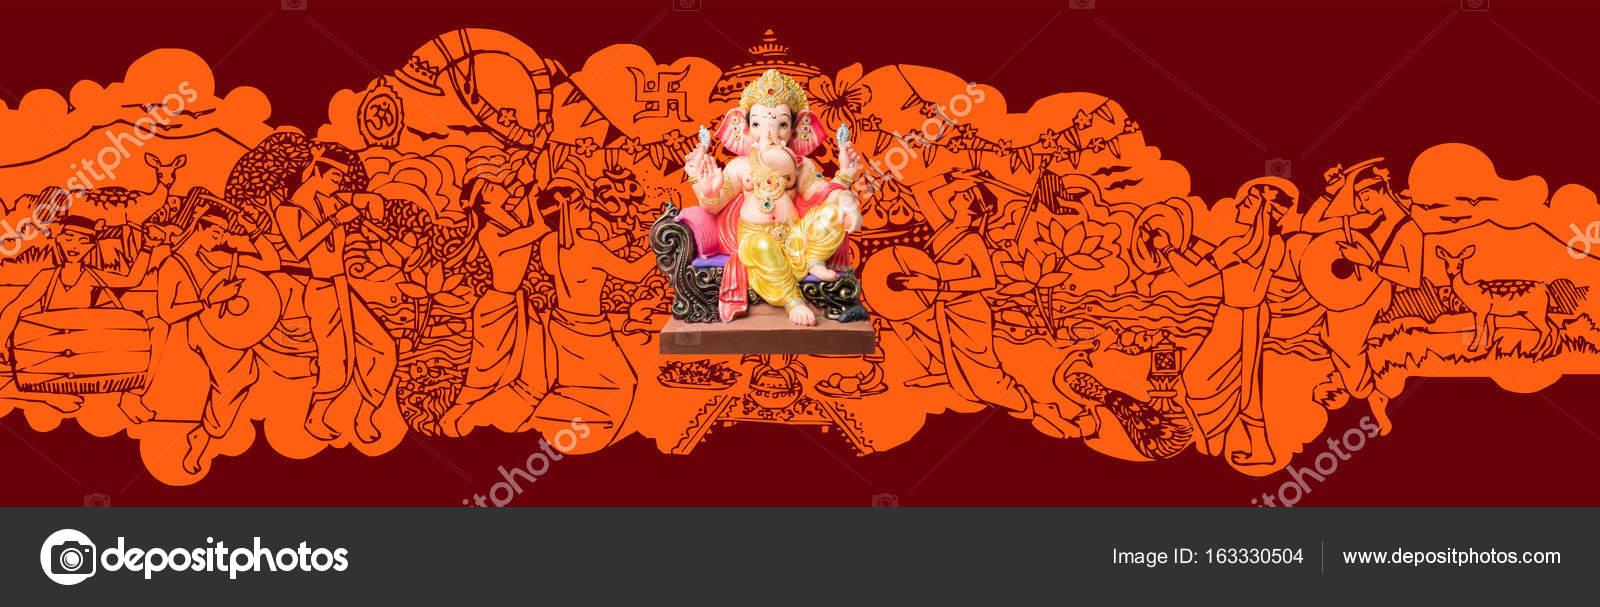 Ganapati Or Ganesh Festival Or Happy Ganesh Chaturthi Greeting Card